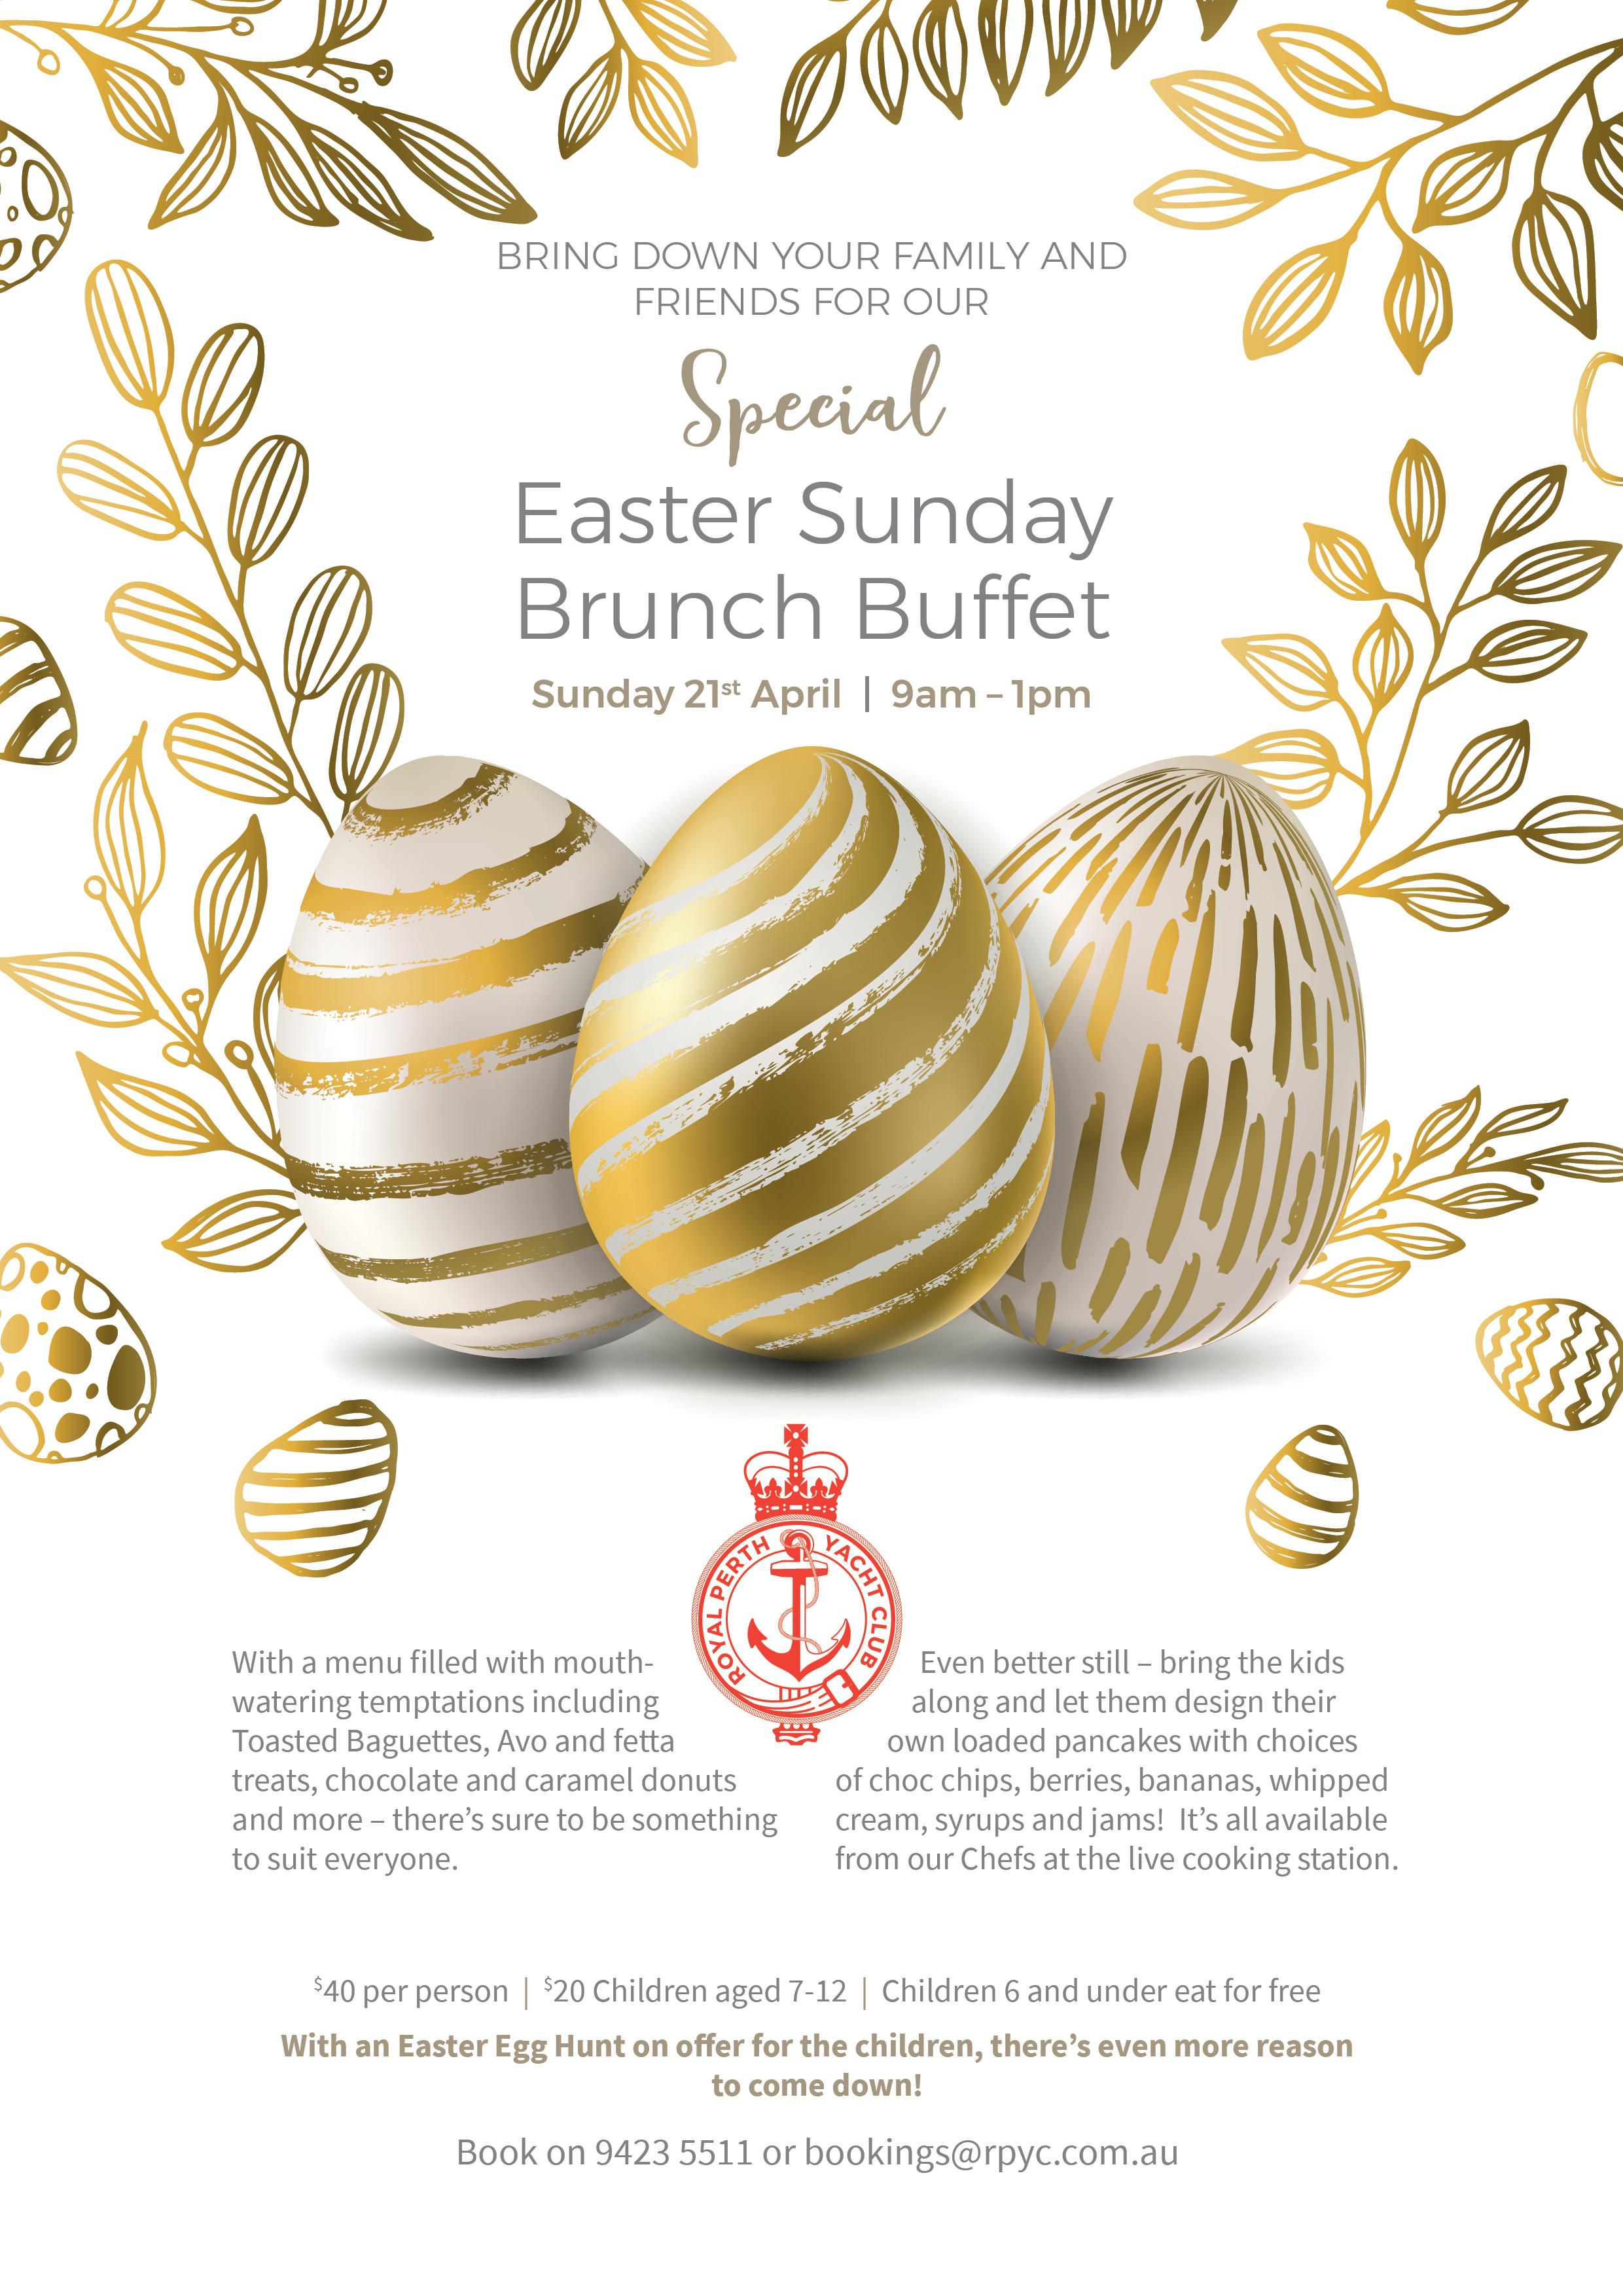 ITW April 2019 Easter brunch